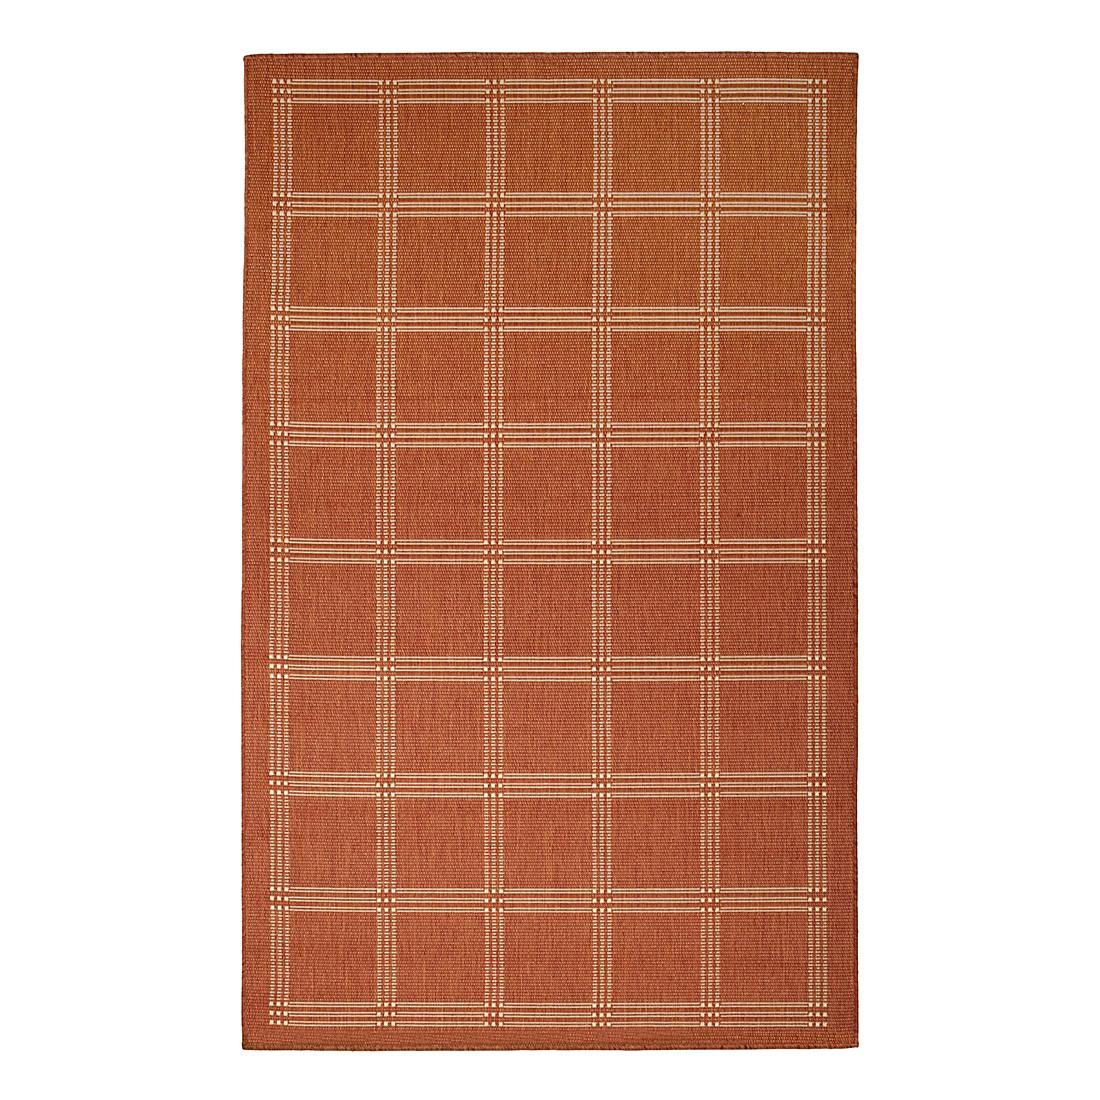 Teppich Carpetto III – Terra – 80 x 150 cm, Astra günstig kaufen